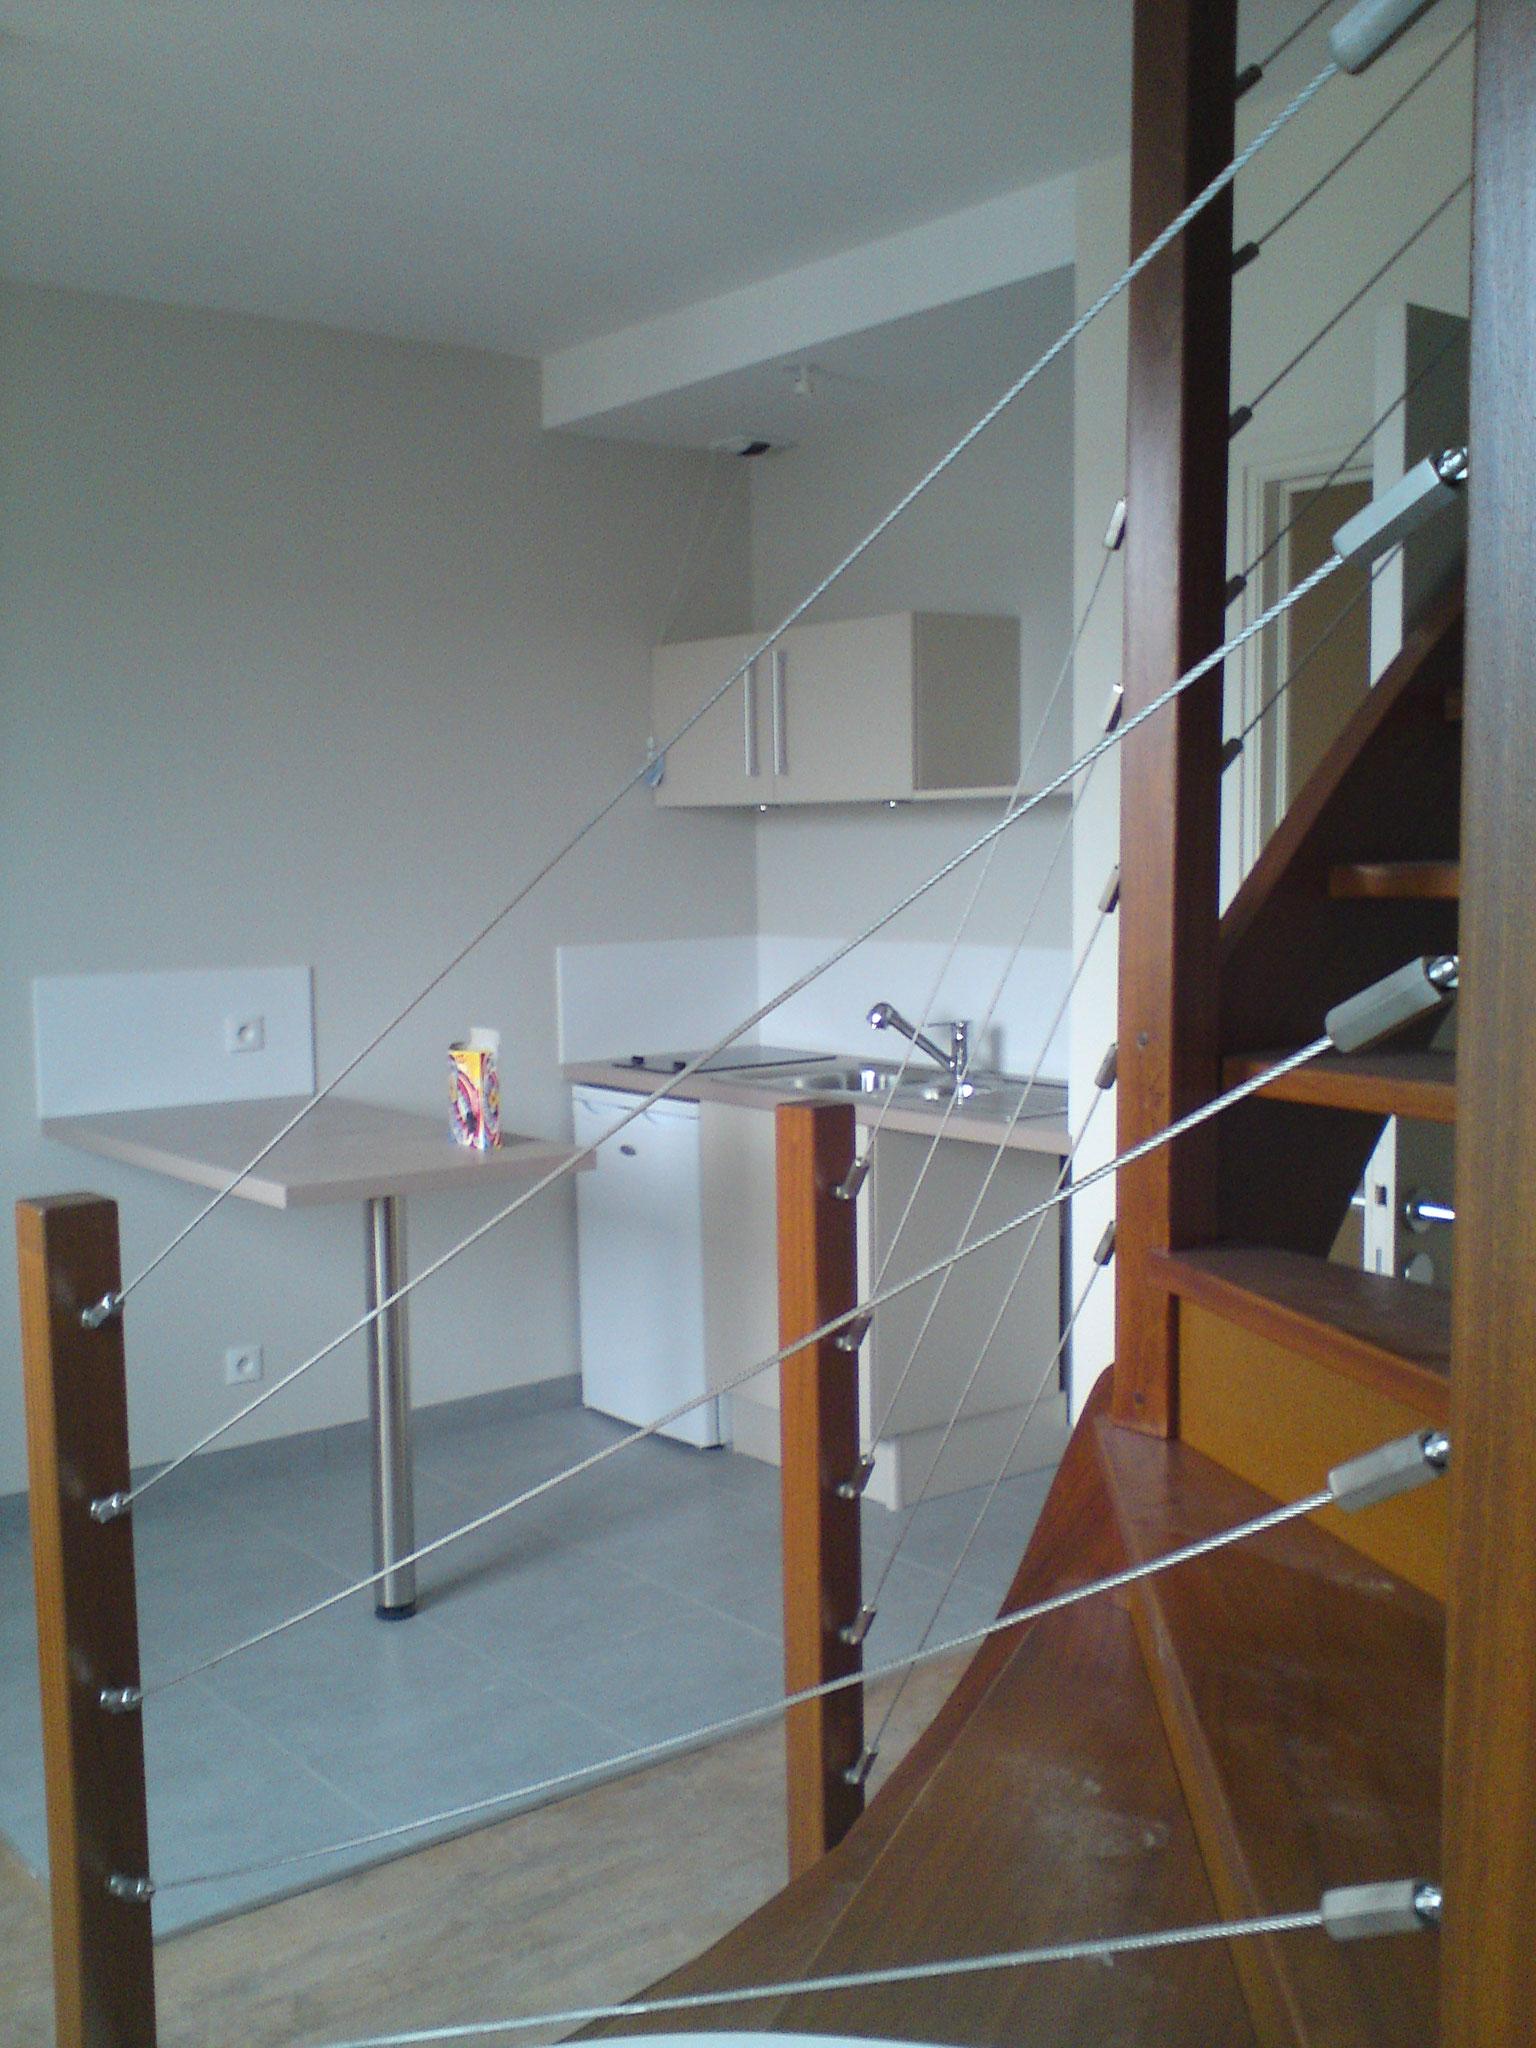 Travaux de transformation d'un grenier en 3 appartements avec mezzanine à AMIENS. Mission de Maîtrise d'oeuvre tout corps d'états.